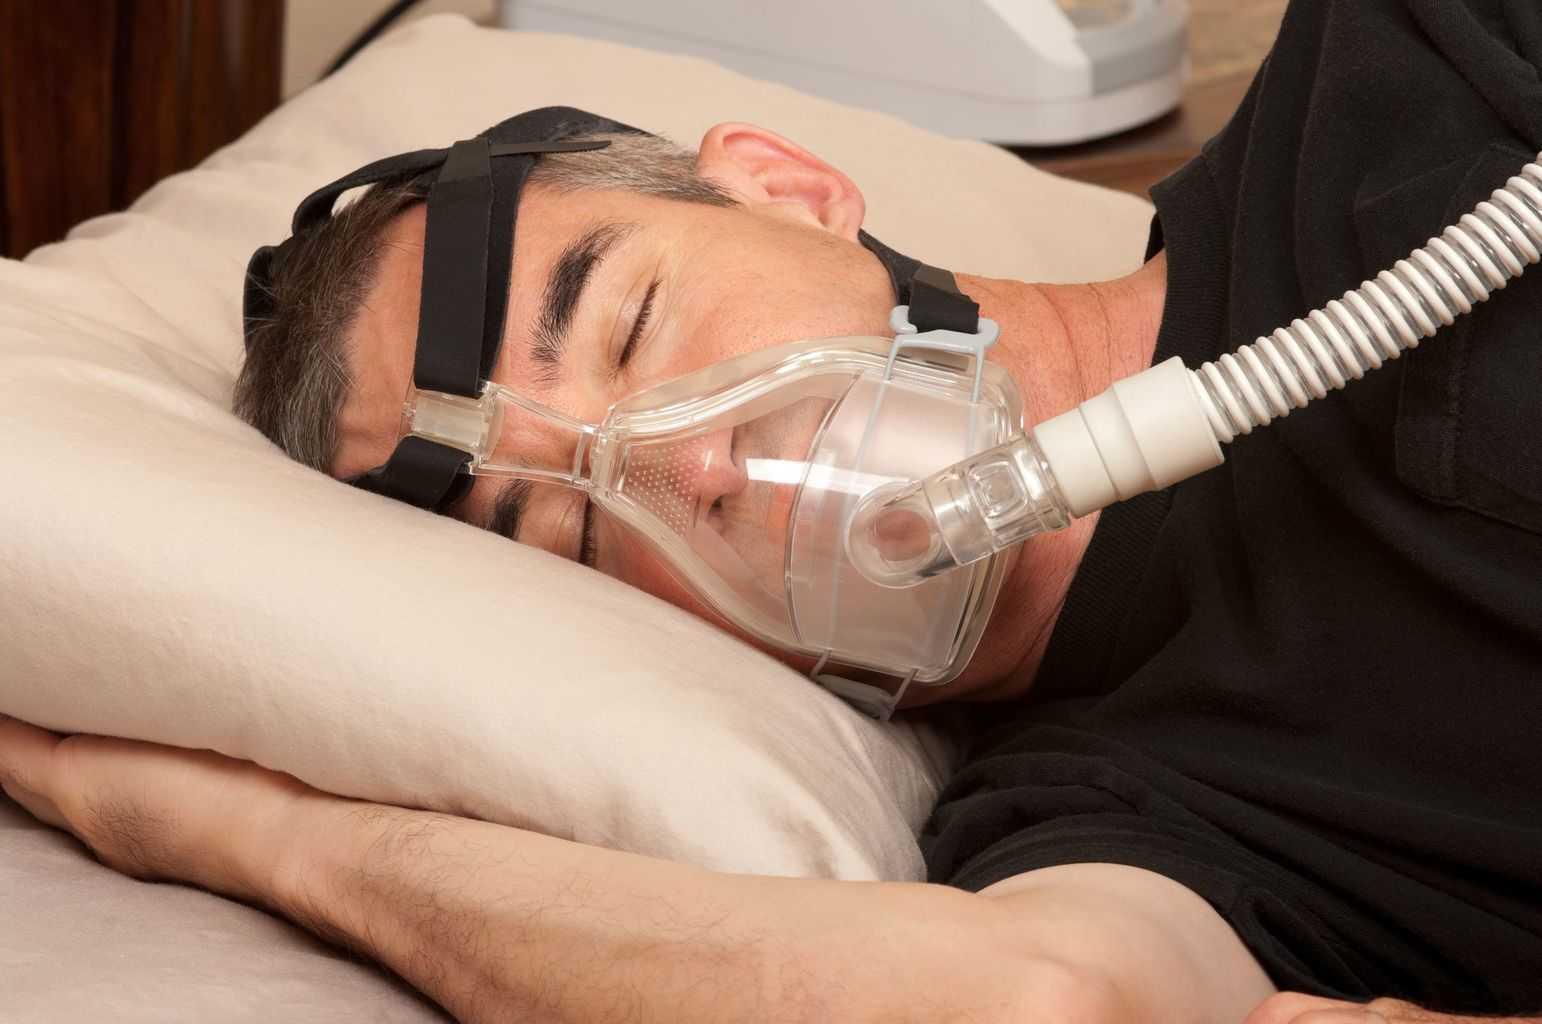 When Sleep apnea can prolong life